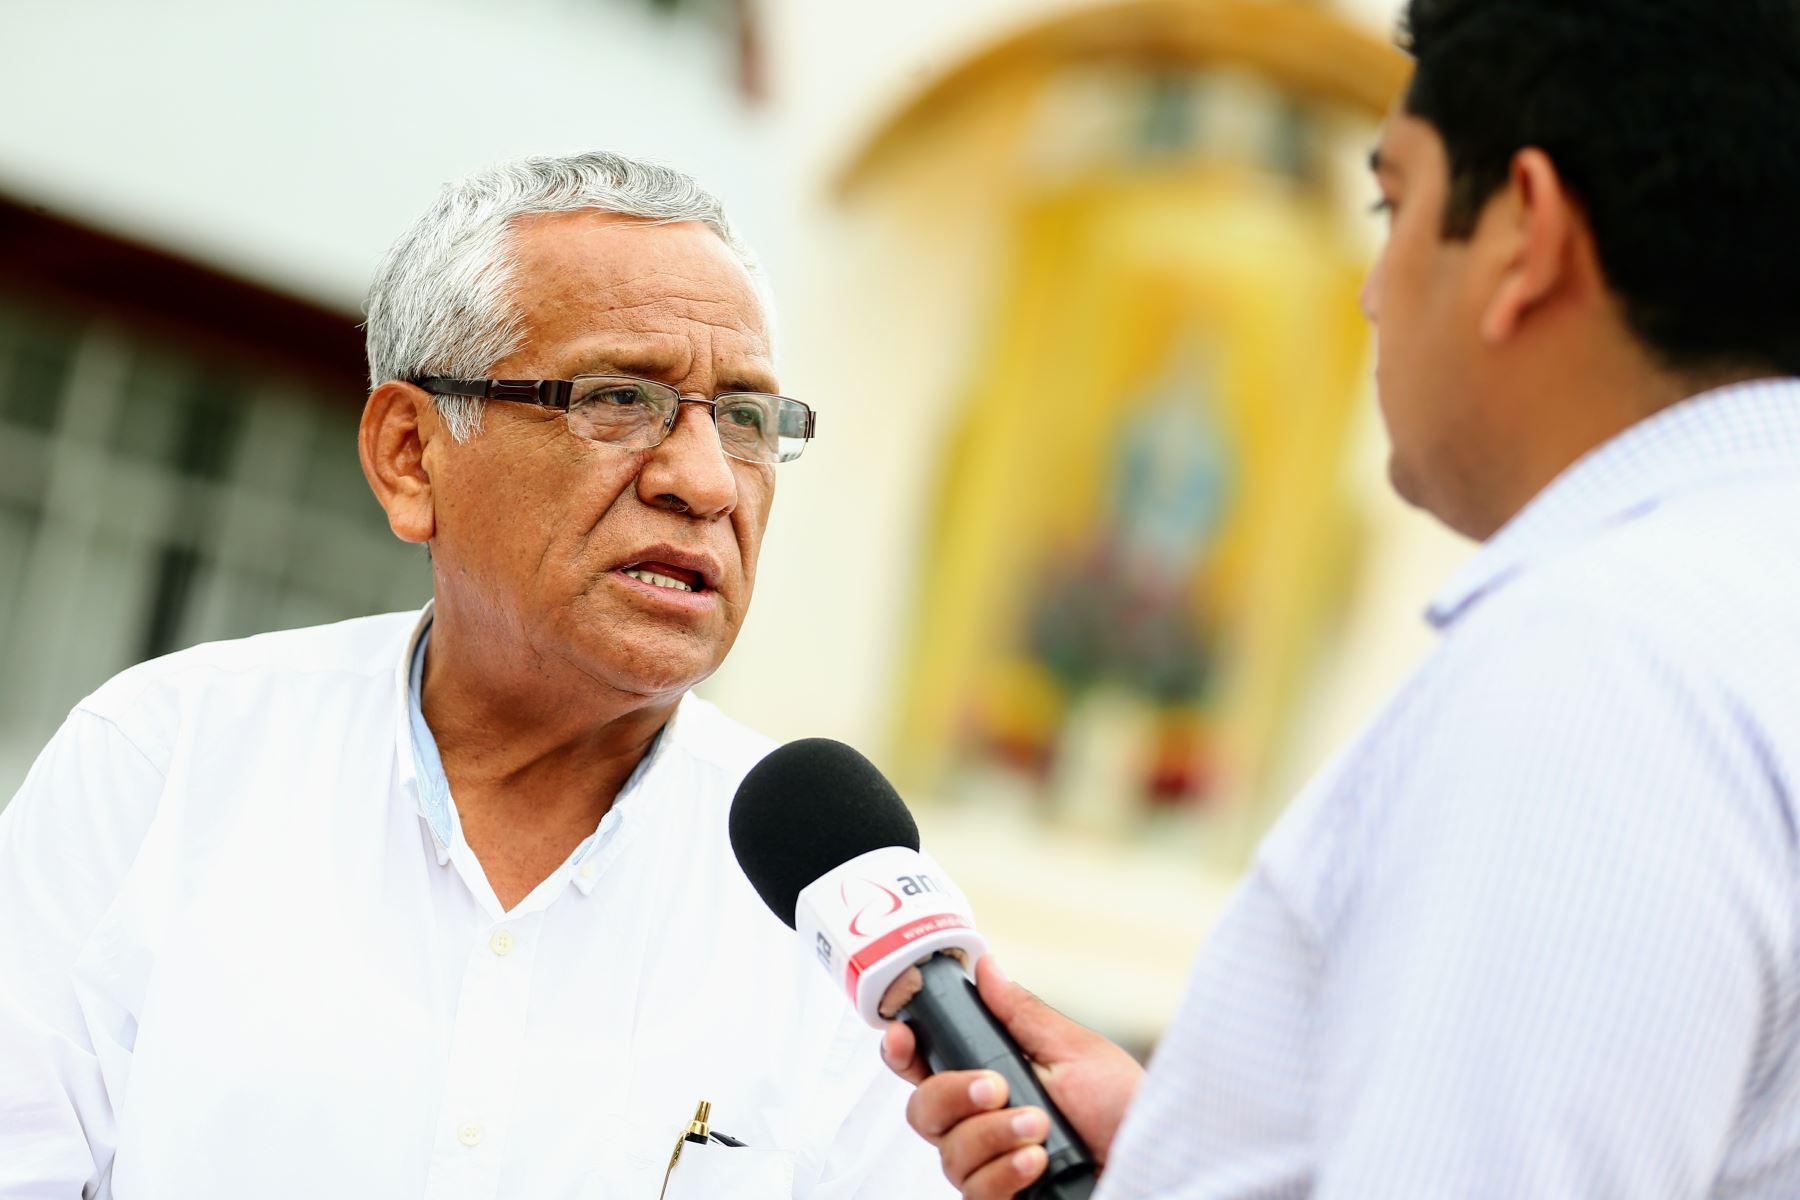 Gobernador regional de Lambayeque respalda cuestión de confianza. ANDINA/Luis Iparraguirre